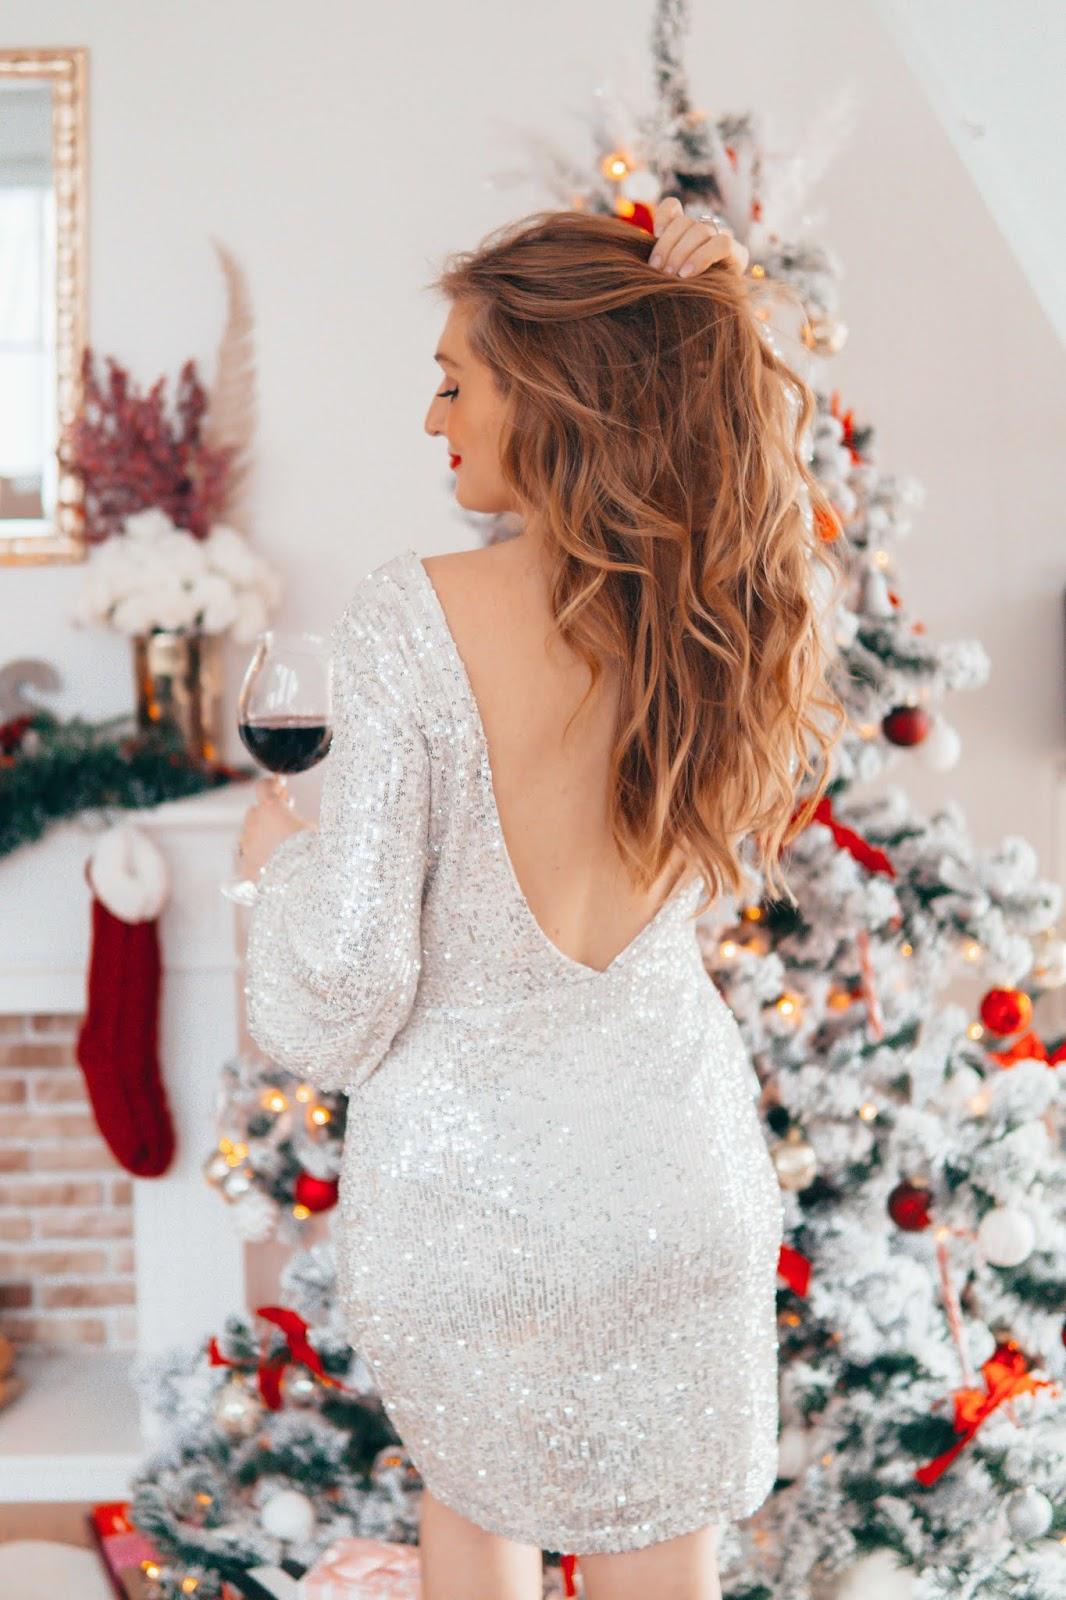 Weihnachtsoutfit - weihnachten- fashionstylebyjohanna